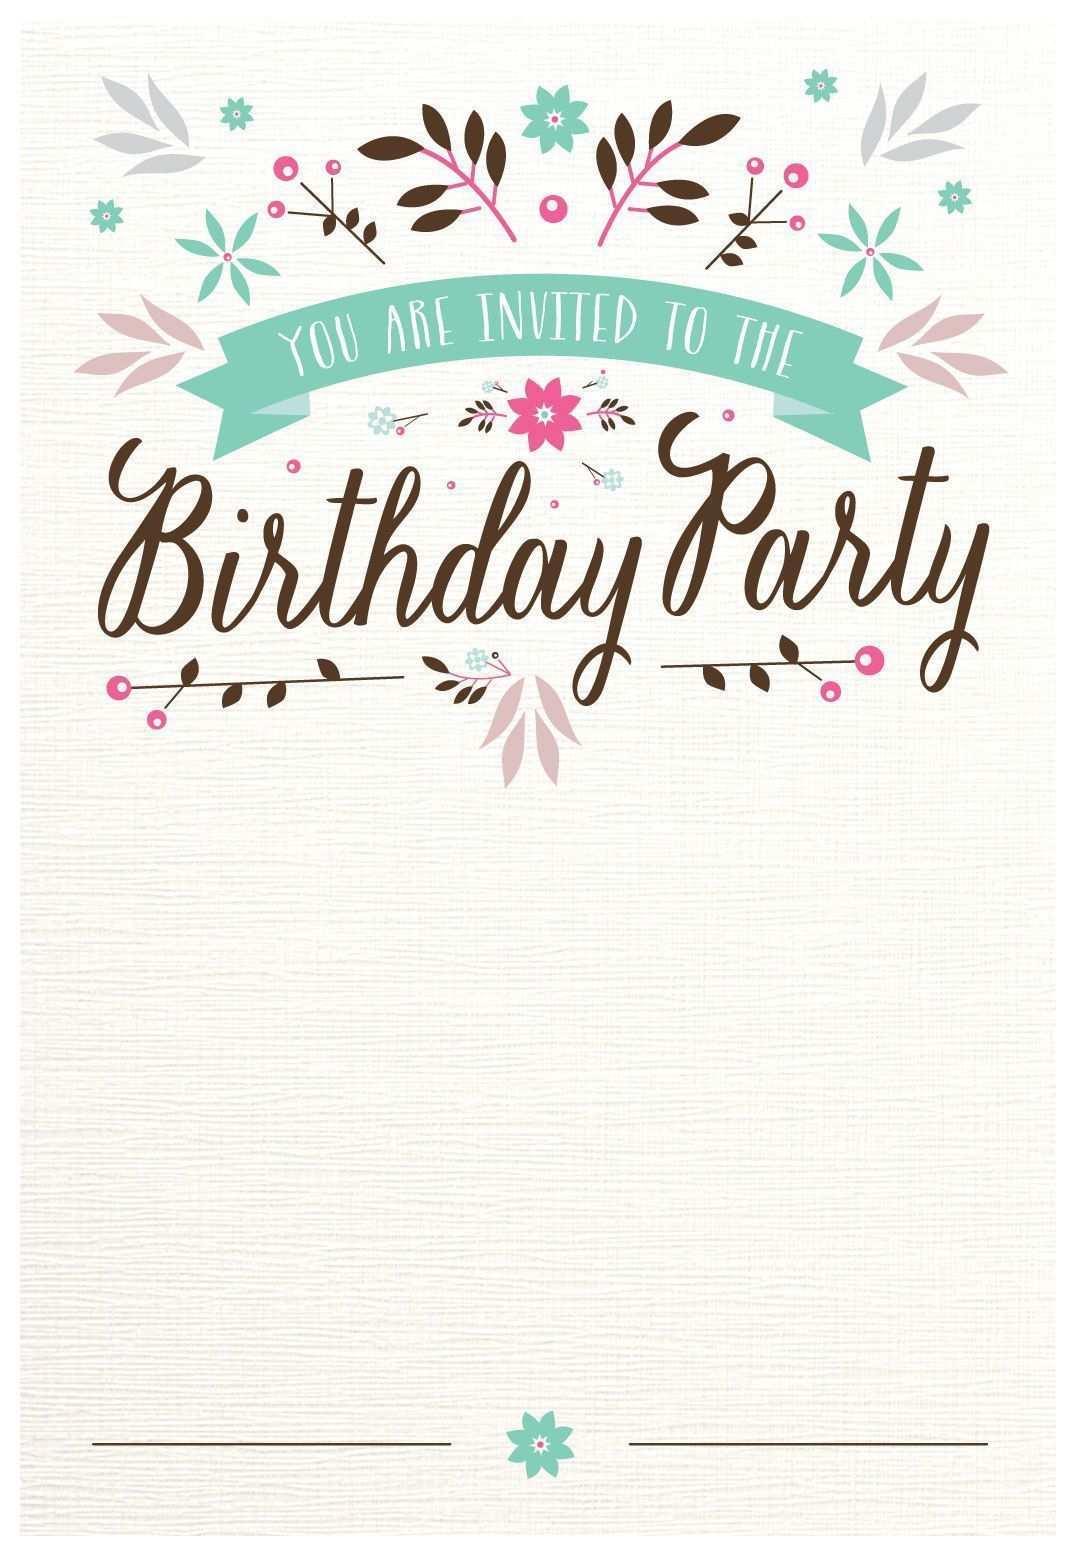 Einladungen Geburtstag Vorlagen Word Kostenlos In 2020 Geburtstag Einladung Vorlage Einladung Geburtstag Einladungen Vorlagen